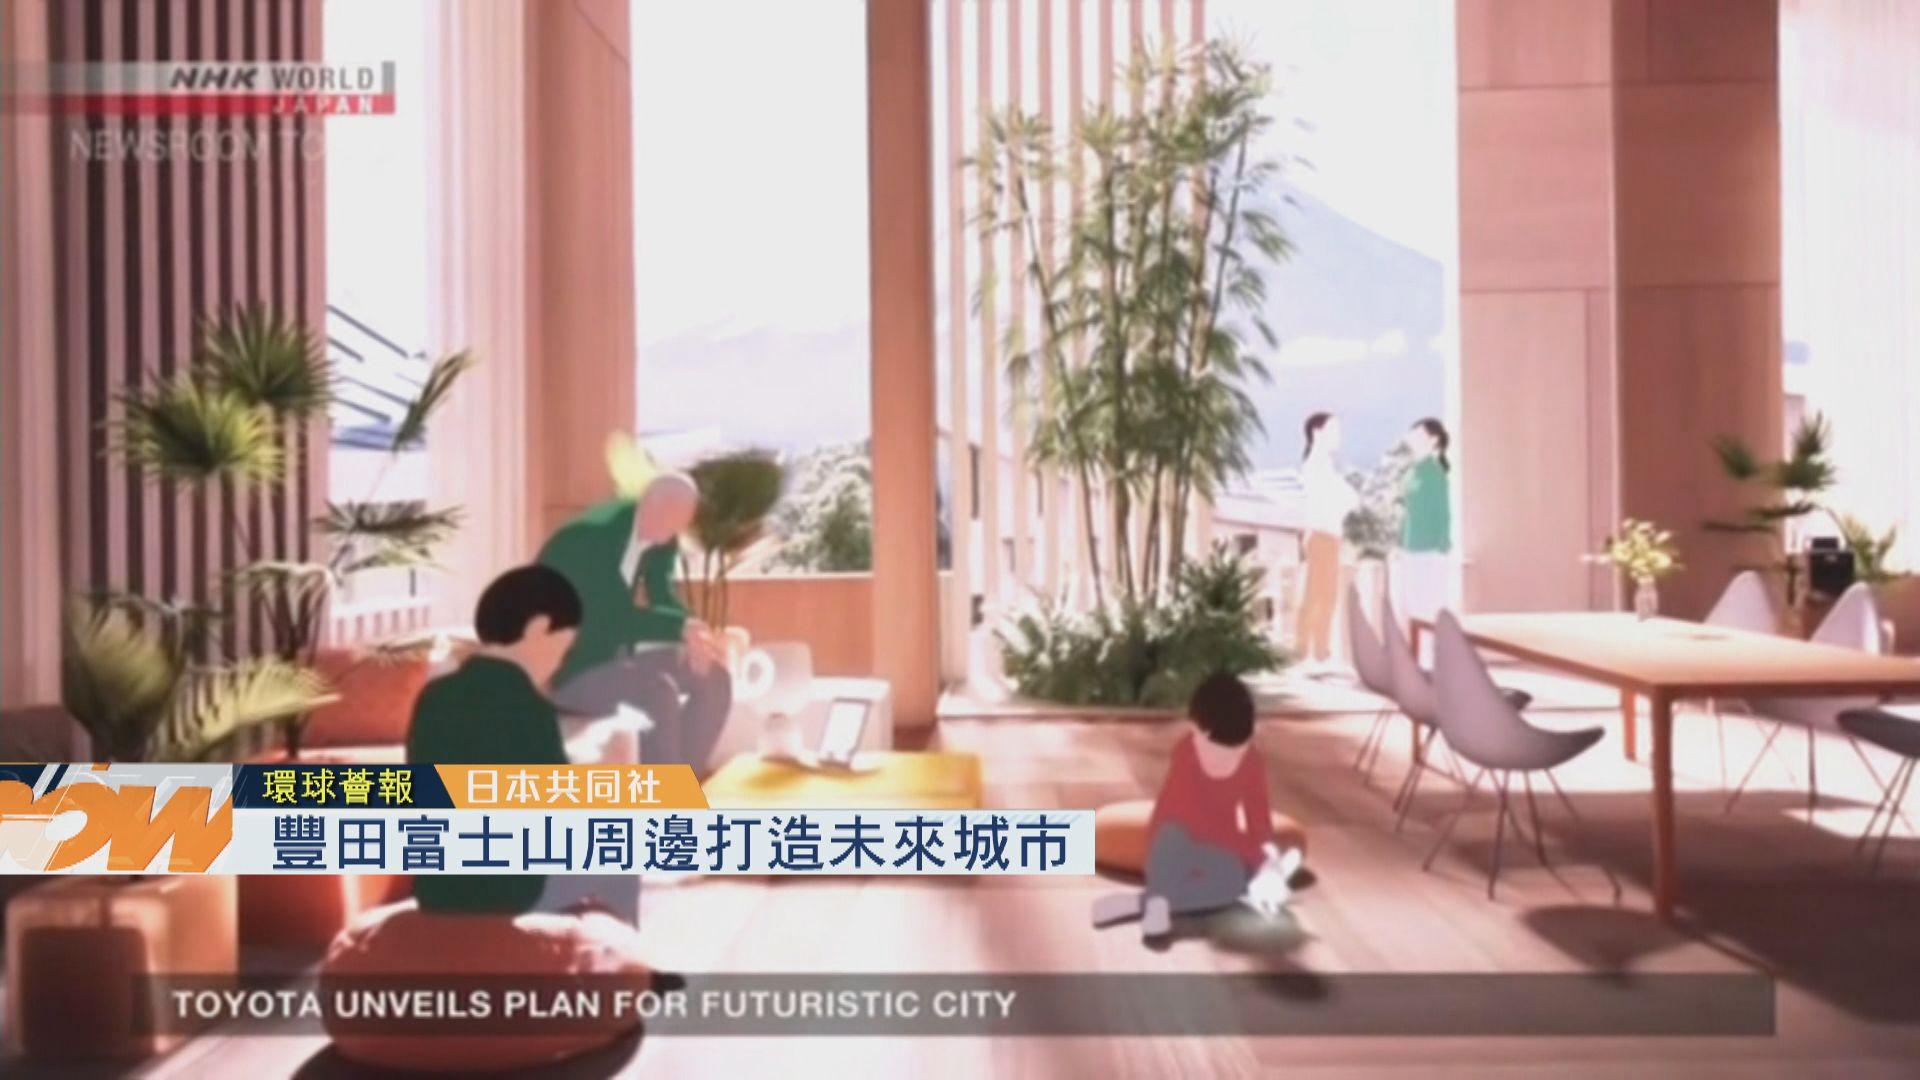 【環球薈報】豐田富士山周邊打造未來城市